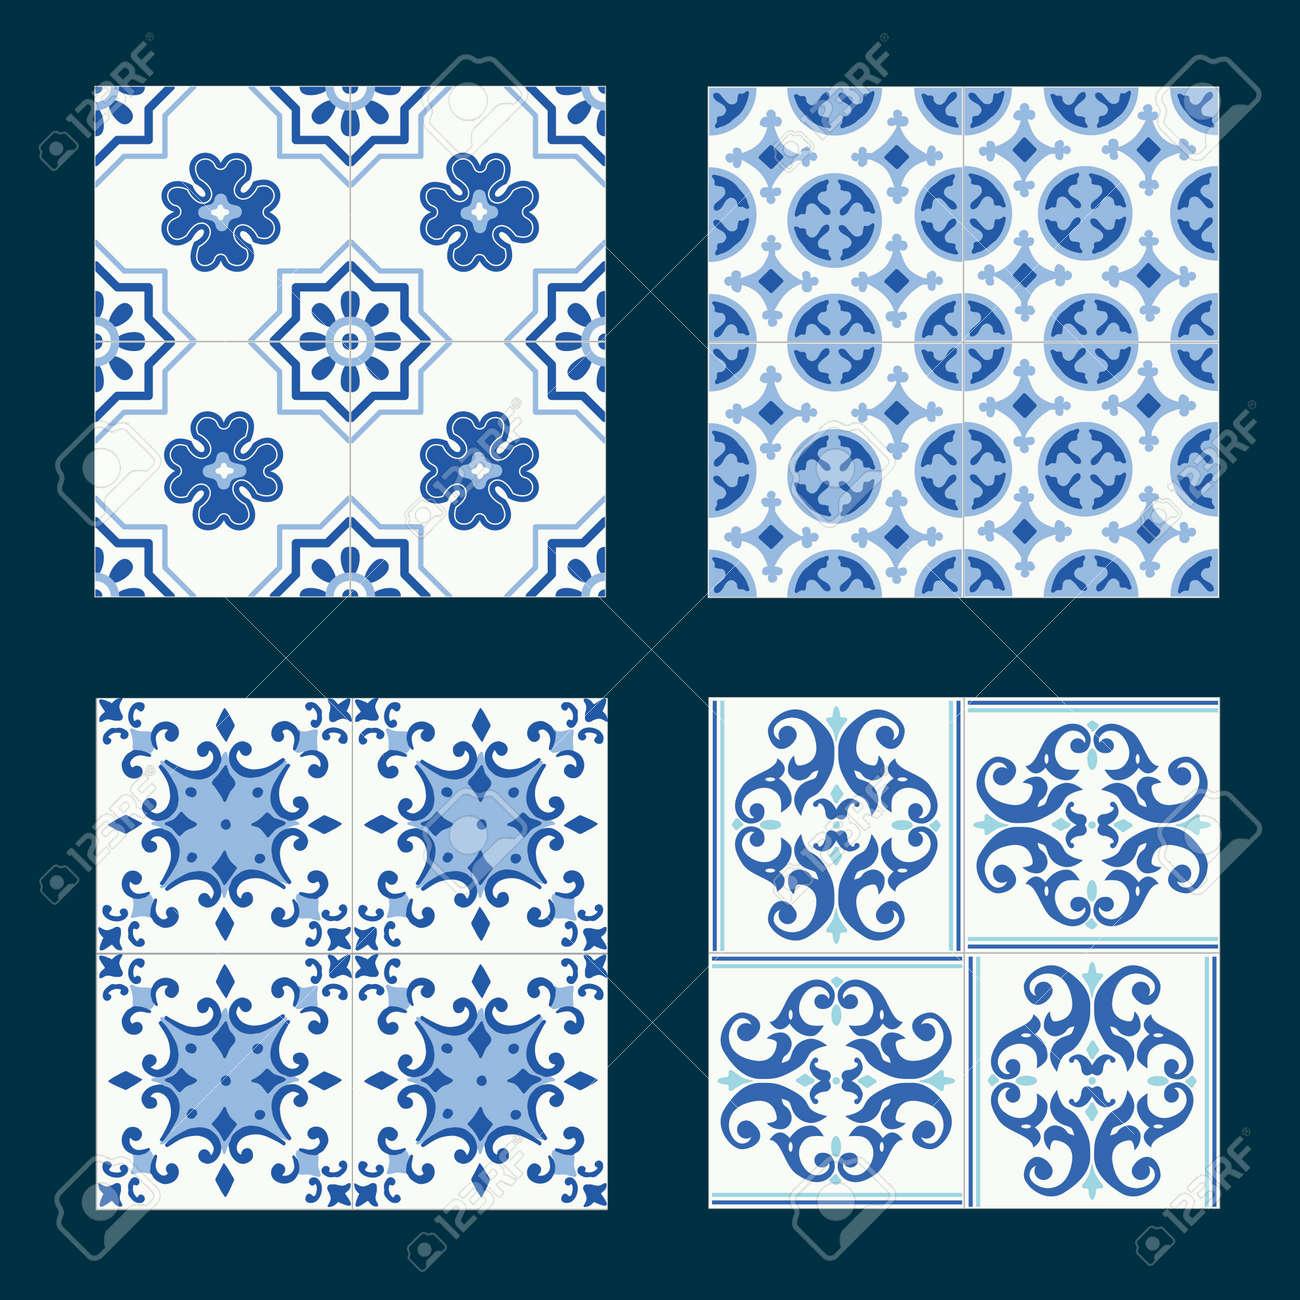 set of vintage ceramic tiles in tile design with blue patterns